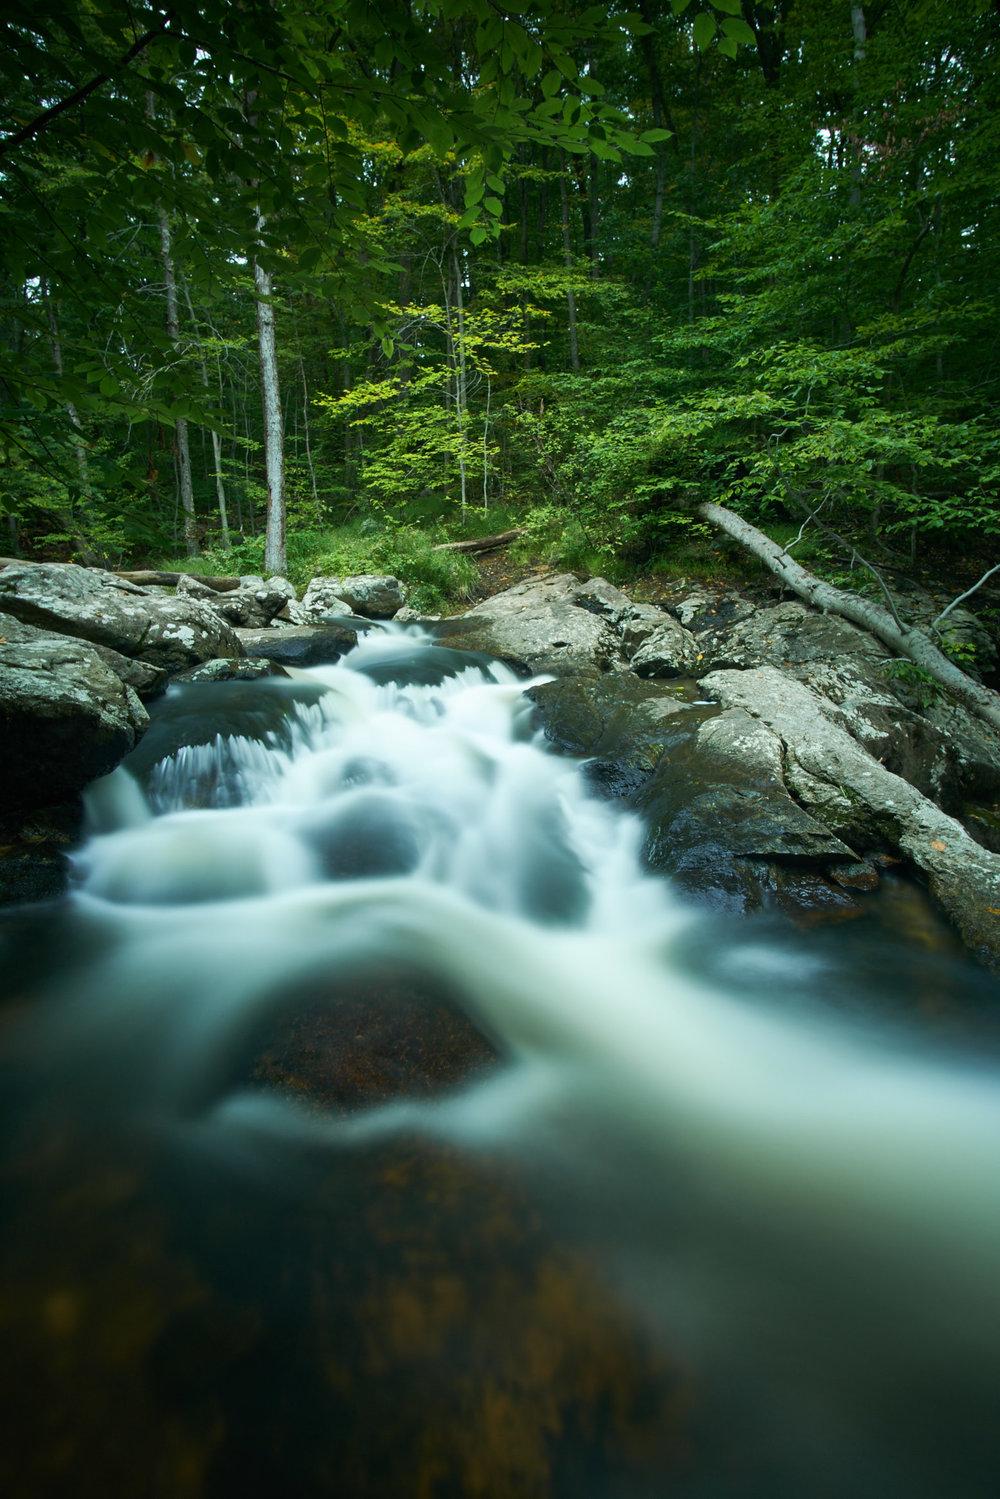 Buttermilk Falls - Chester, NJ